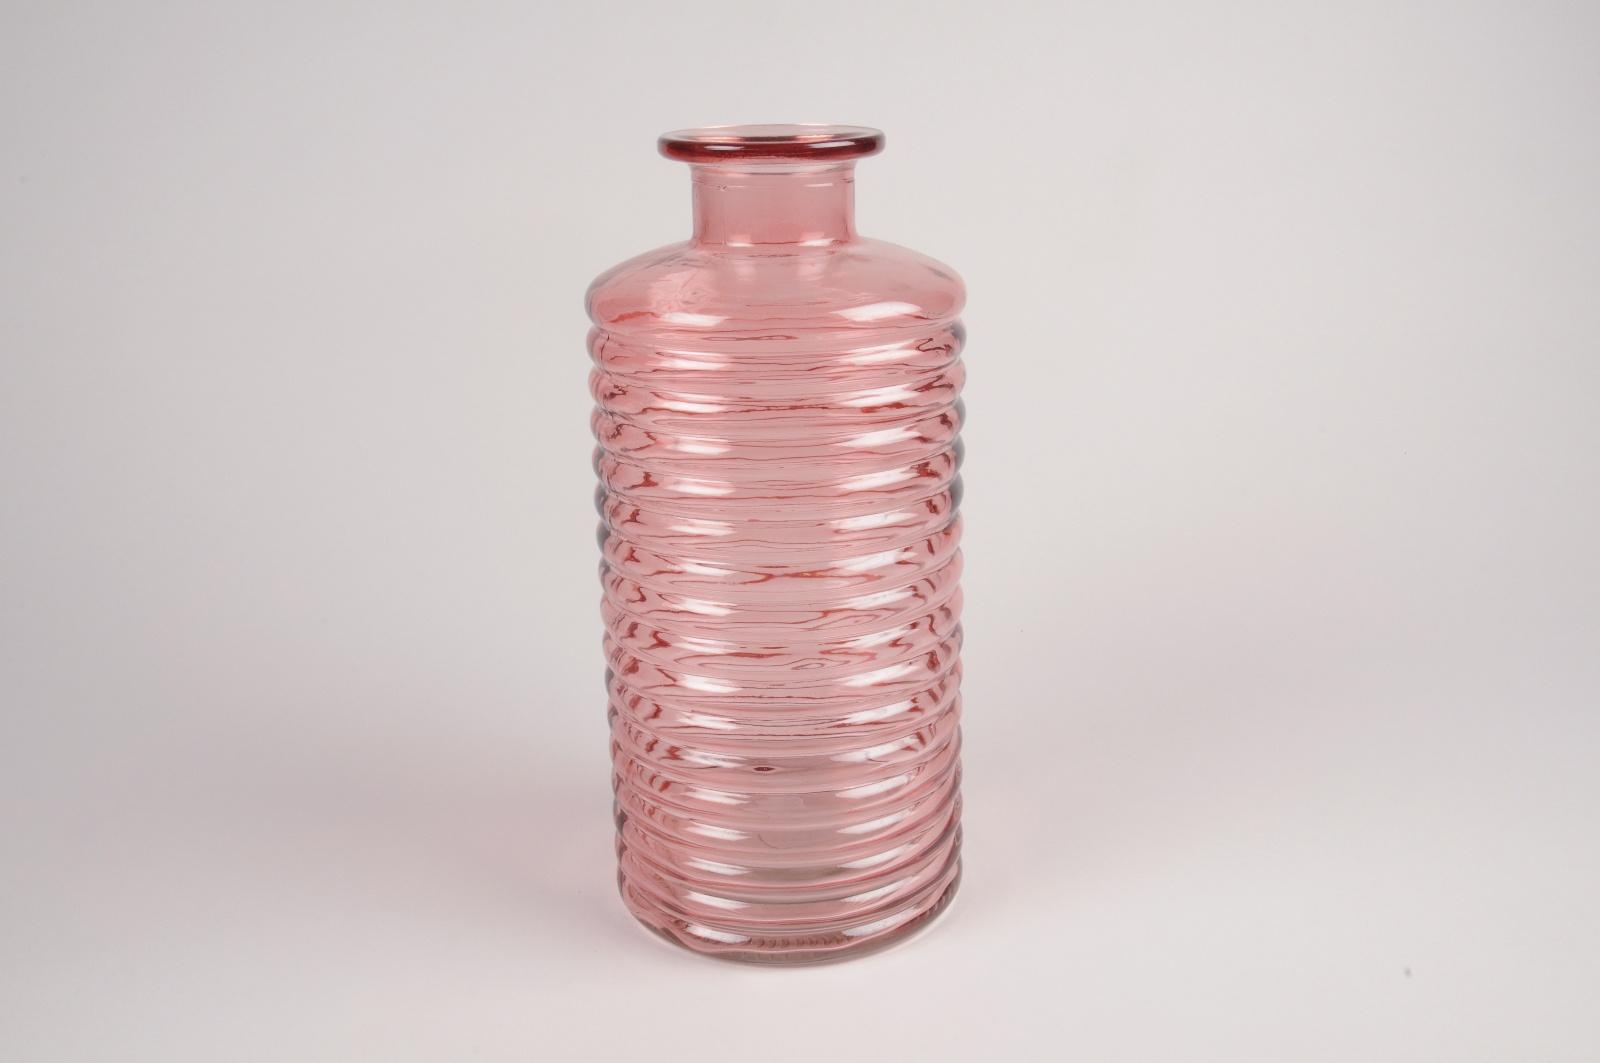 A086R4  Vase bouteille en verre rose D14cm H30cm